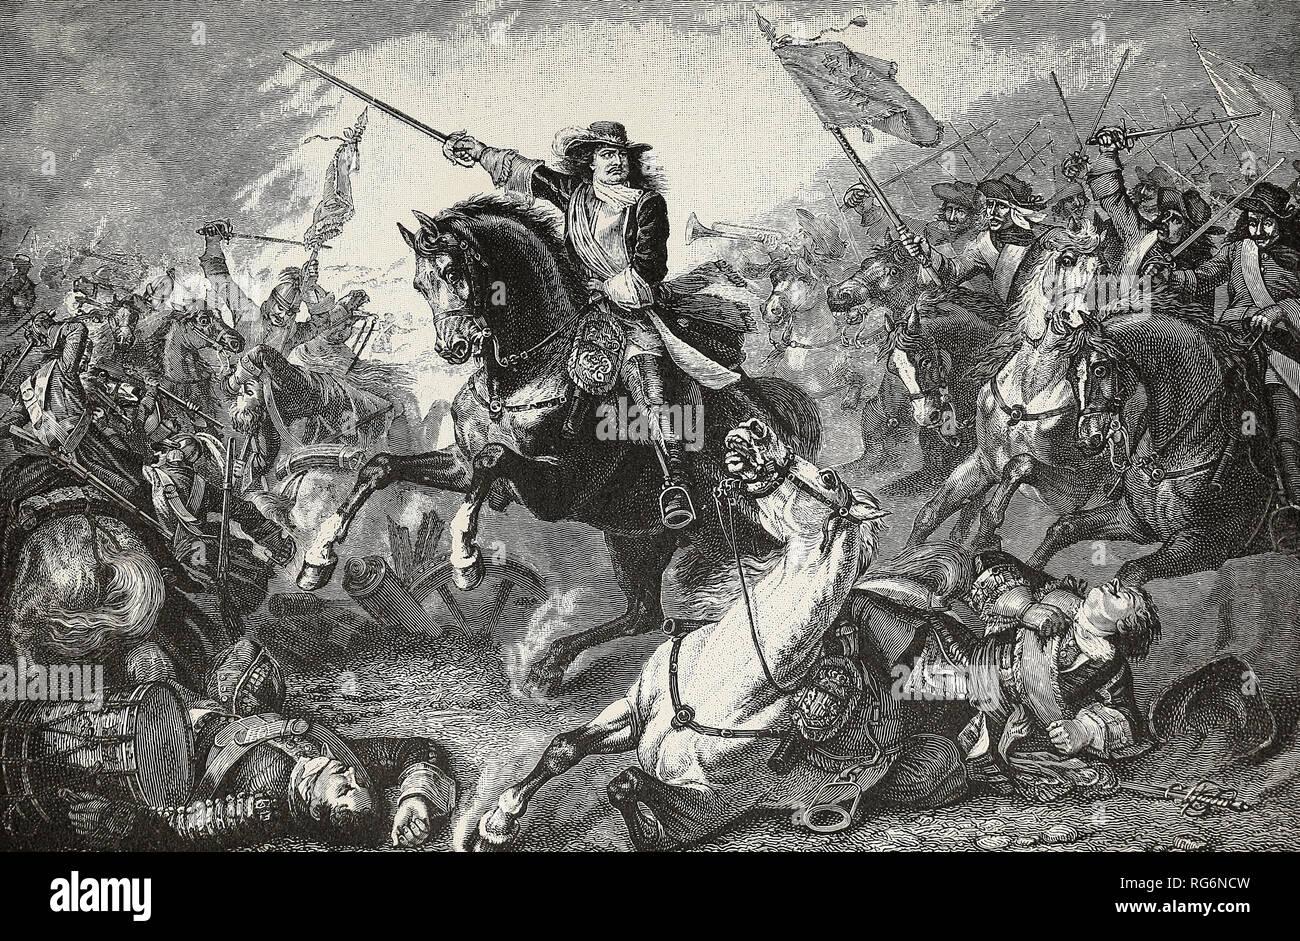 Der Große Kurfürst in Fehrbellin - Friedrich von Brandenburg speichert seine Domain von den Schweden Stockbild